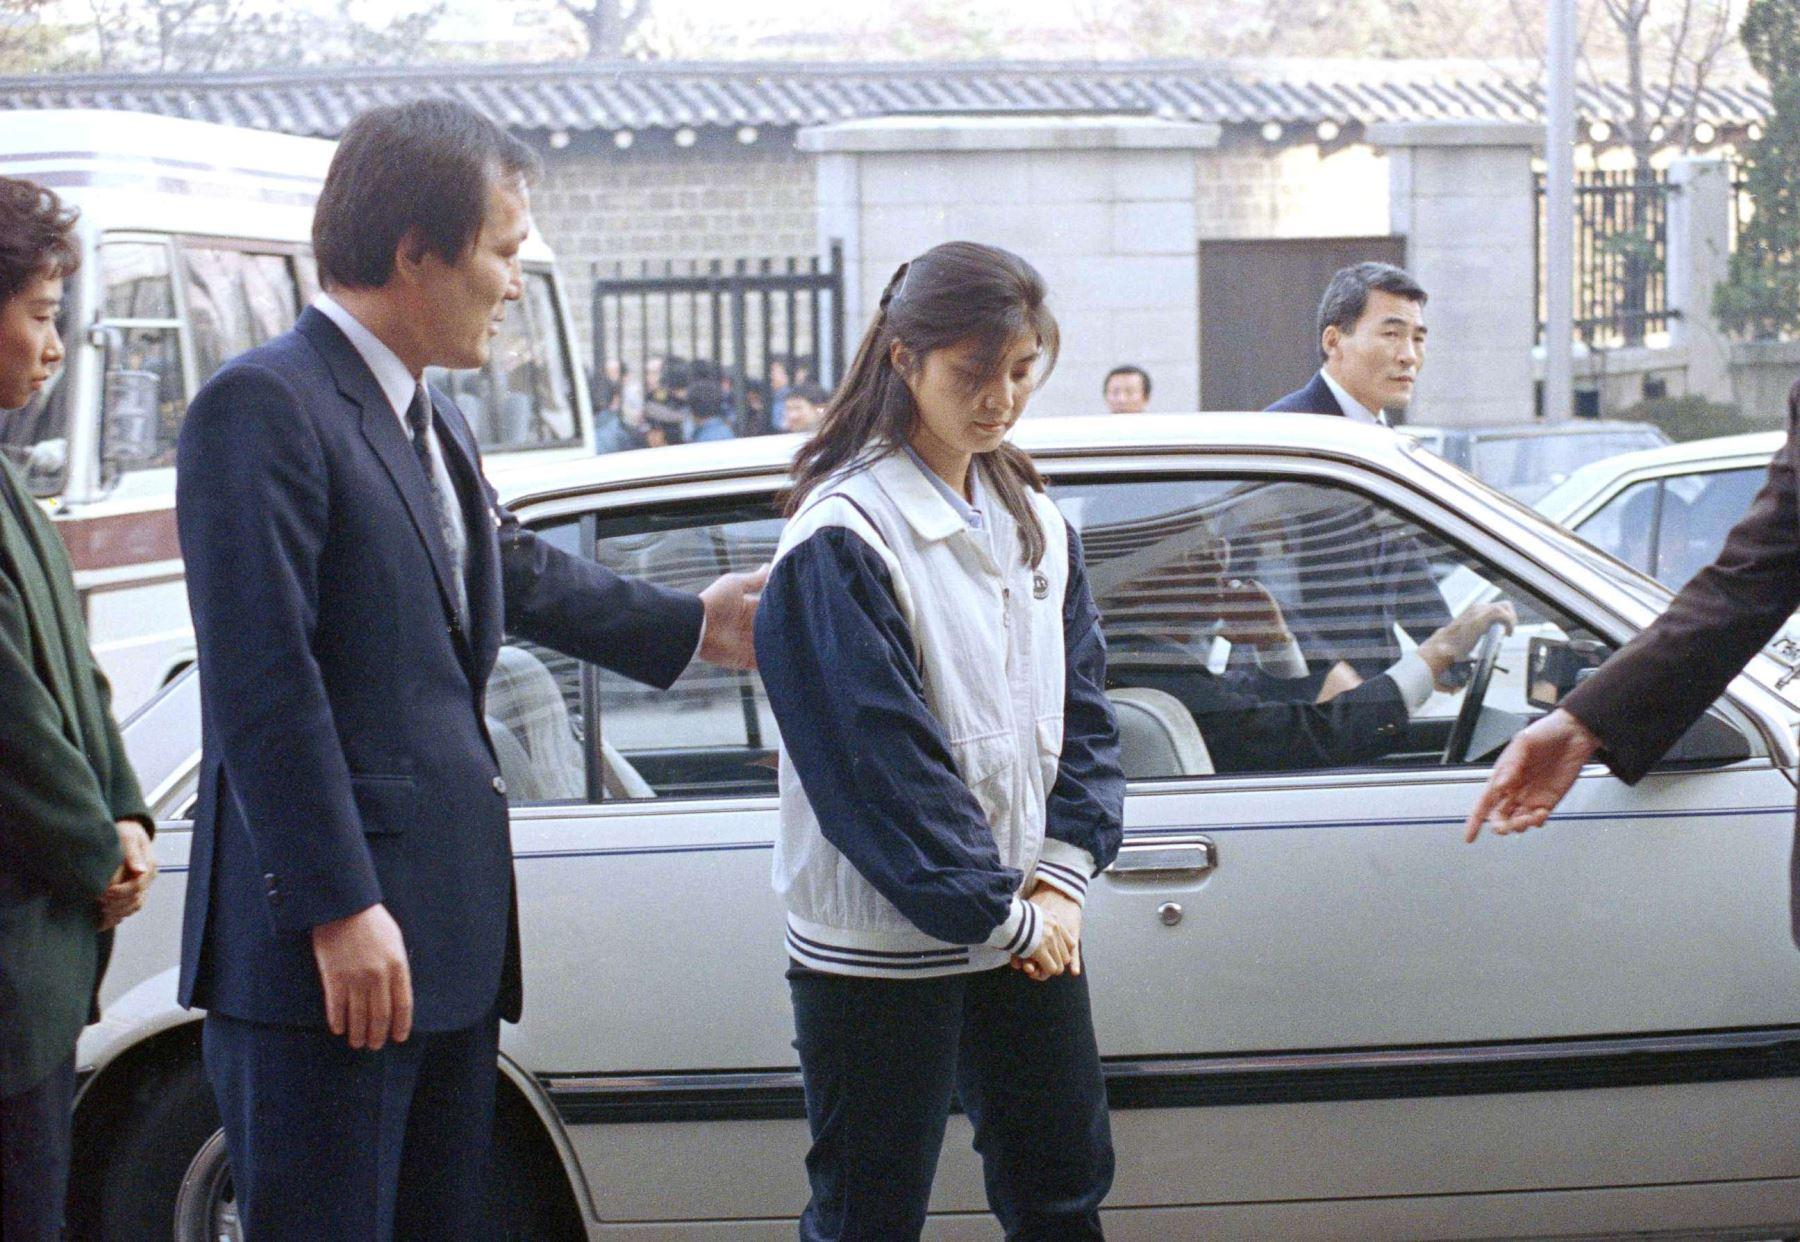 Espía de Corea del Norte, Kim Hyon-hui. Foto: INTERNET/Medios